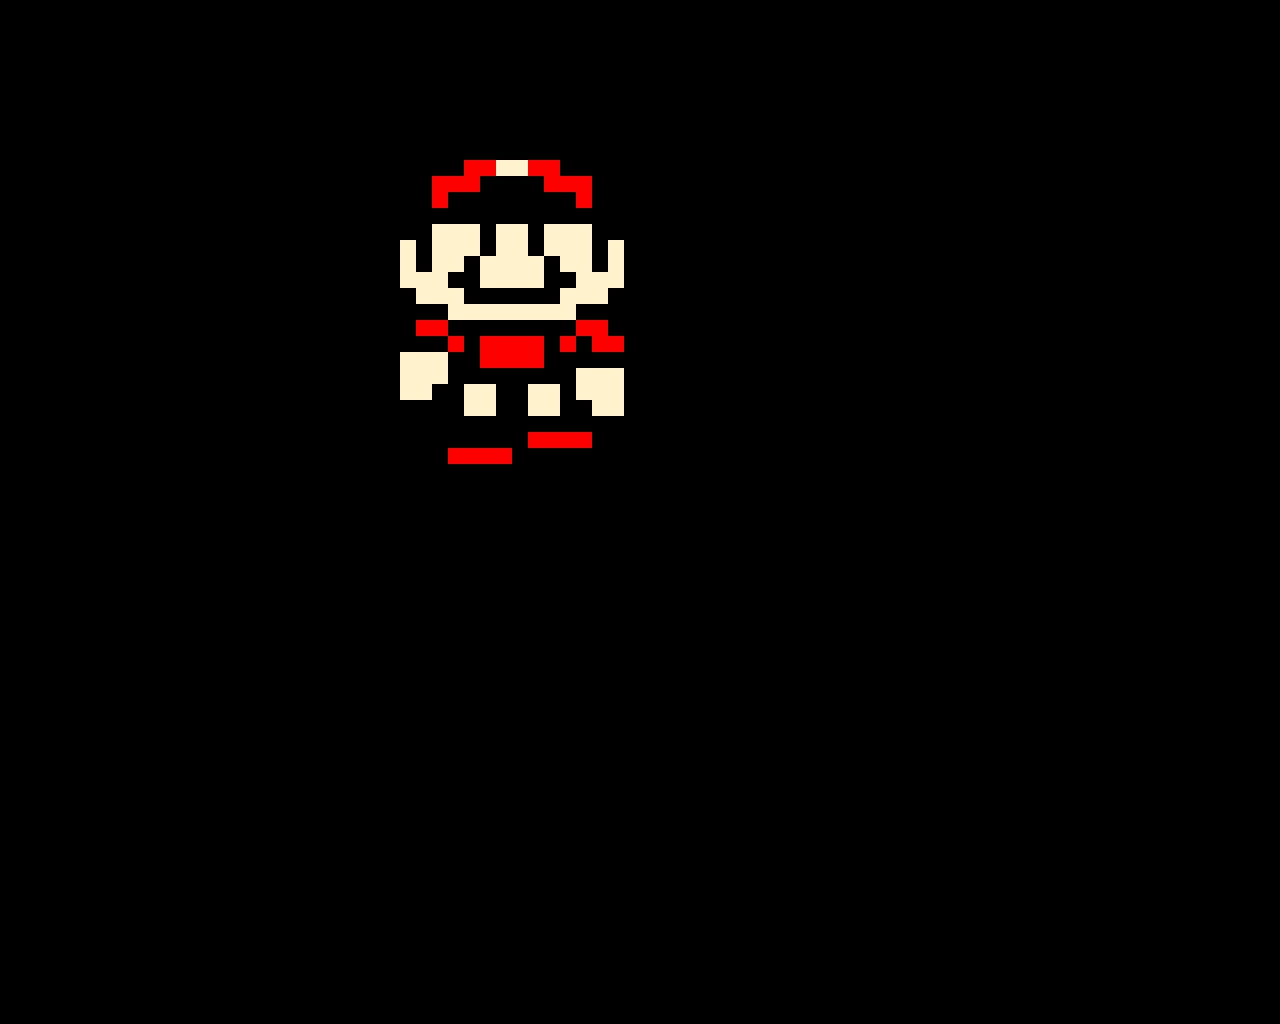 SMB3 Big Mario Overworld Sprite